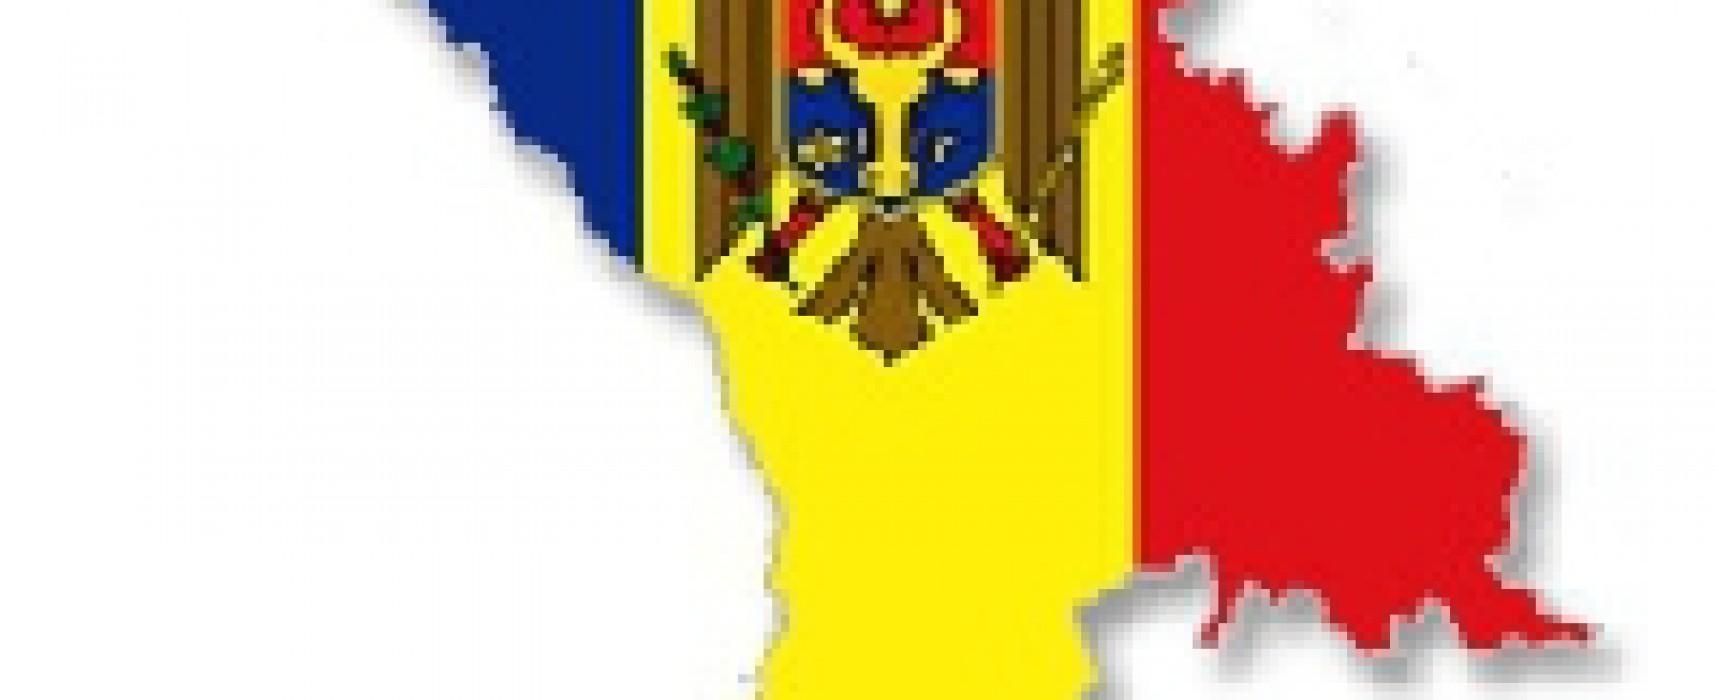 Молдова планирует законодательно ограничить иностранную пропаганду